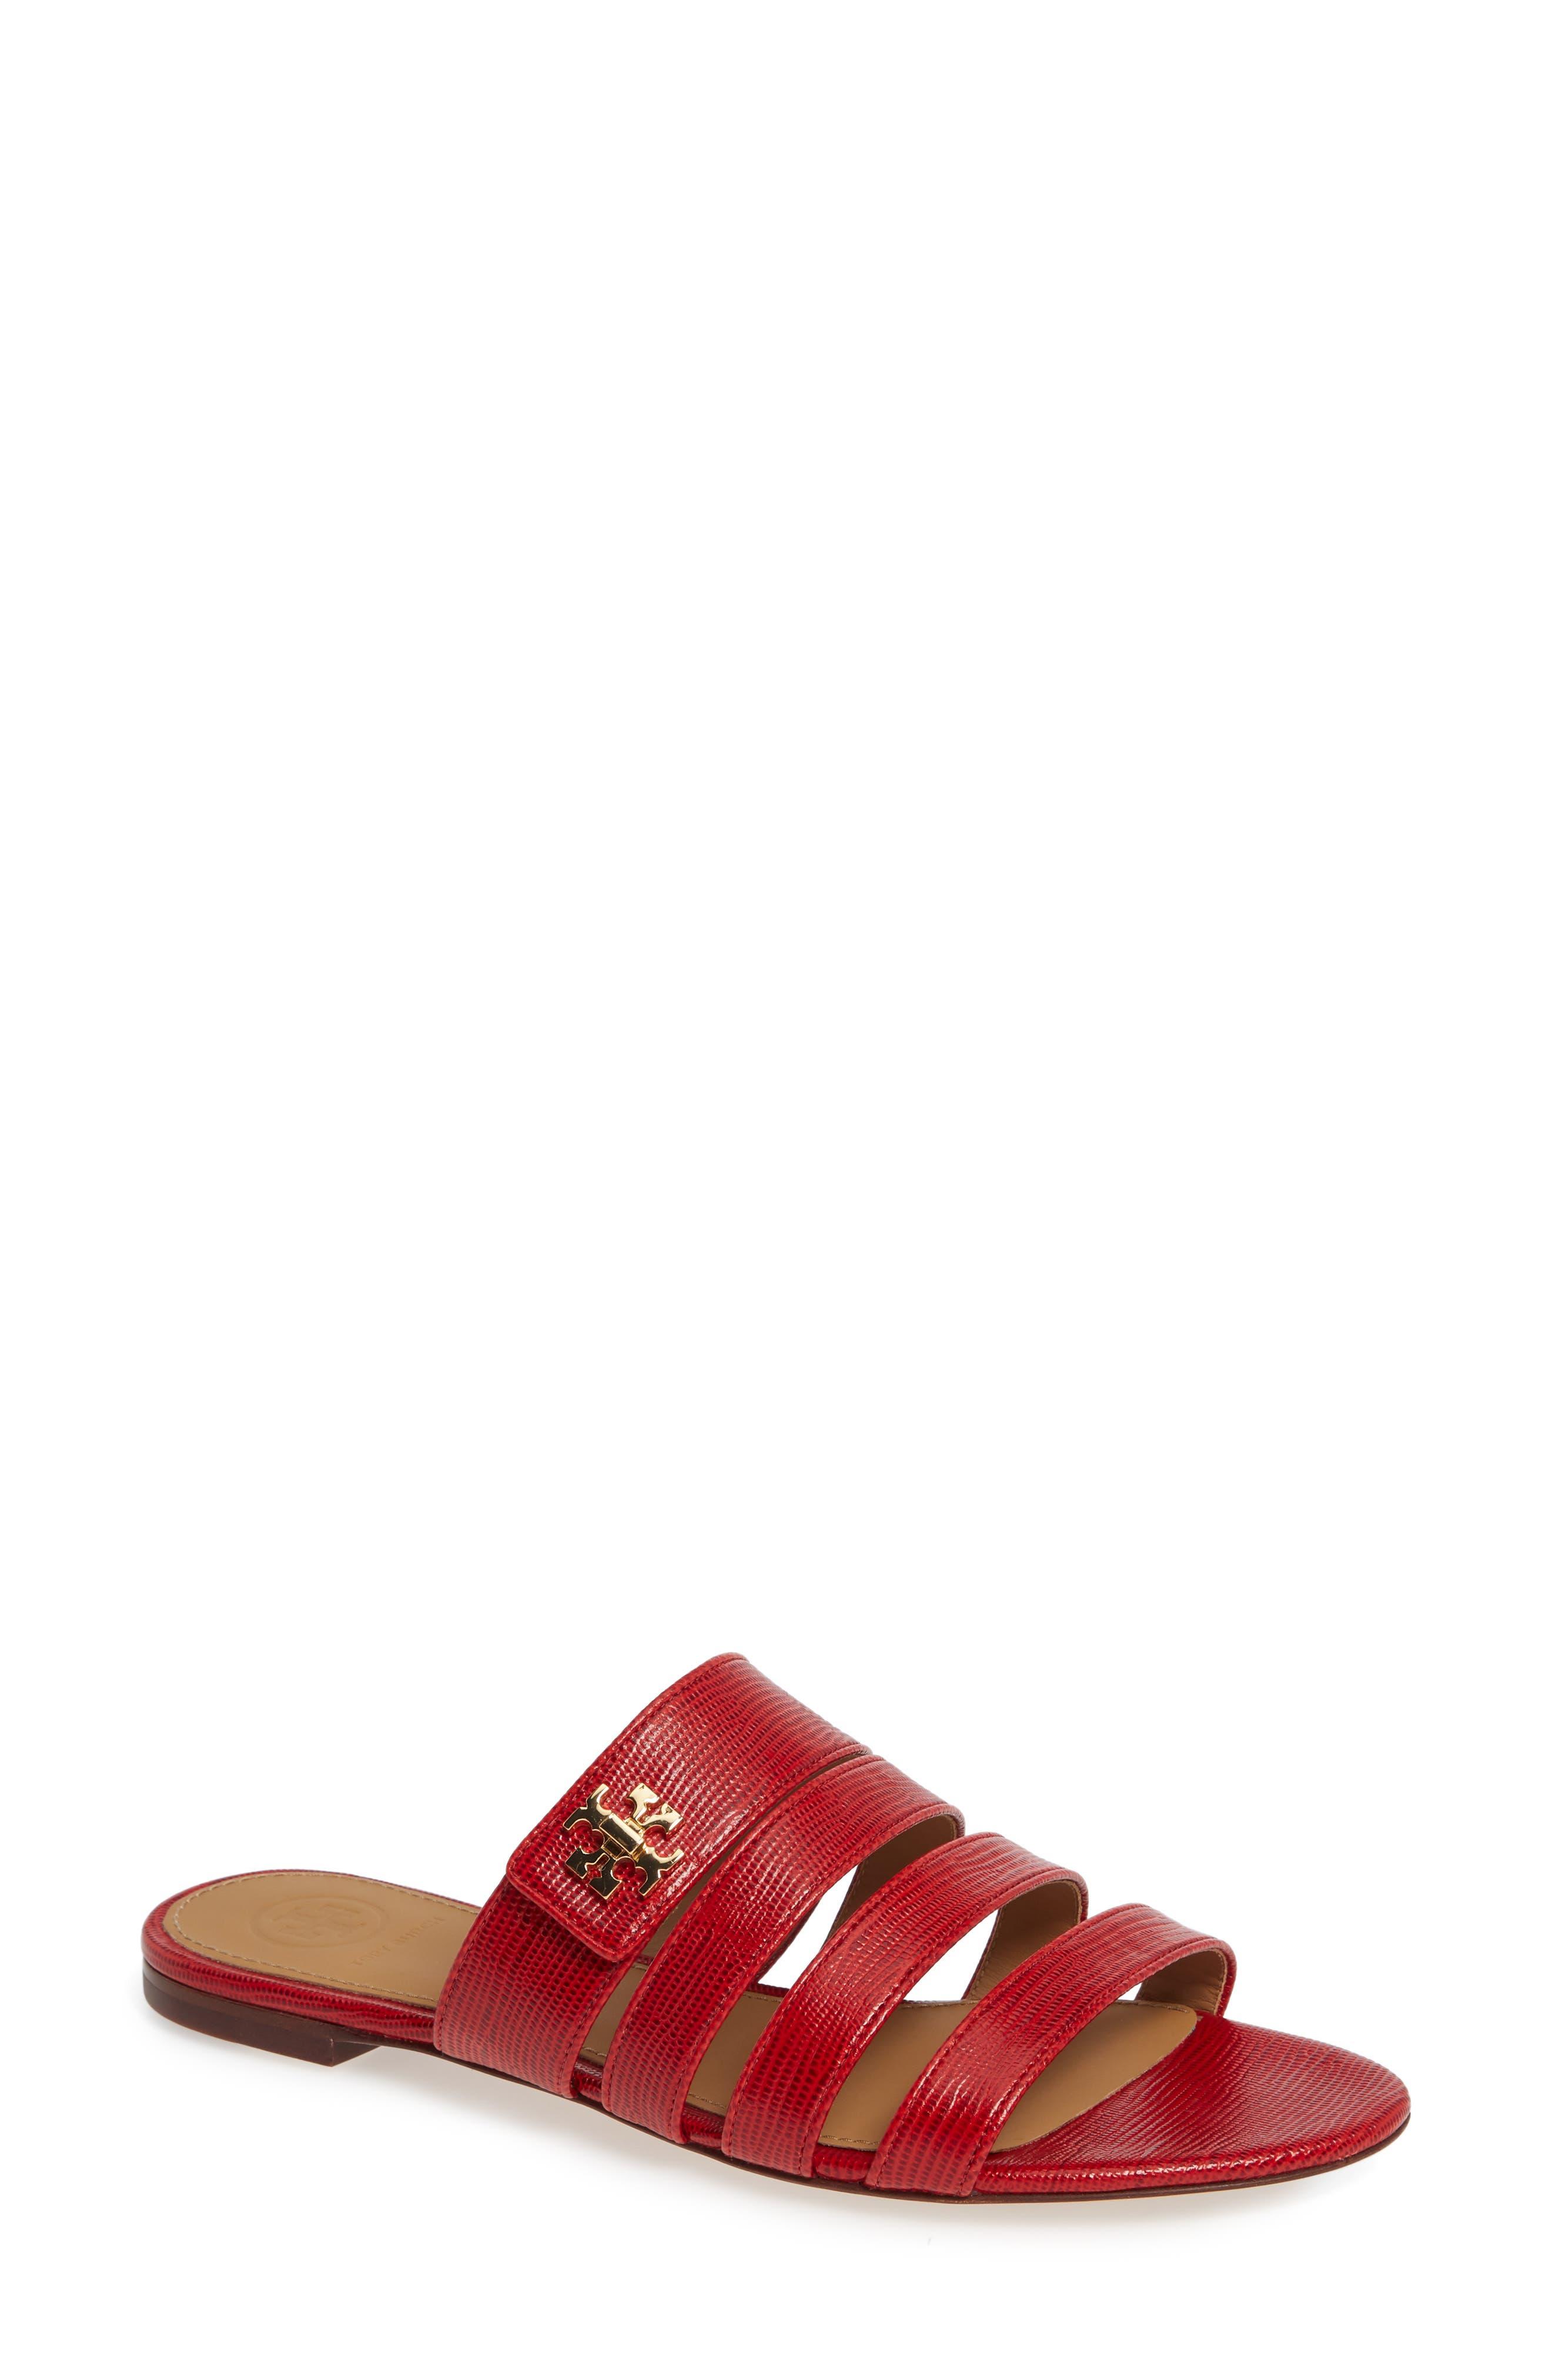 Tory Burch Kira Slide Sandal, Red